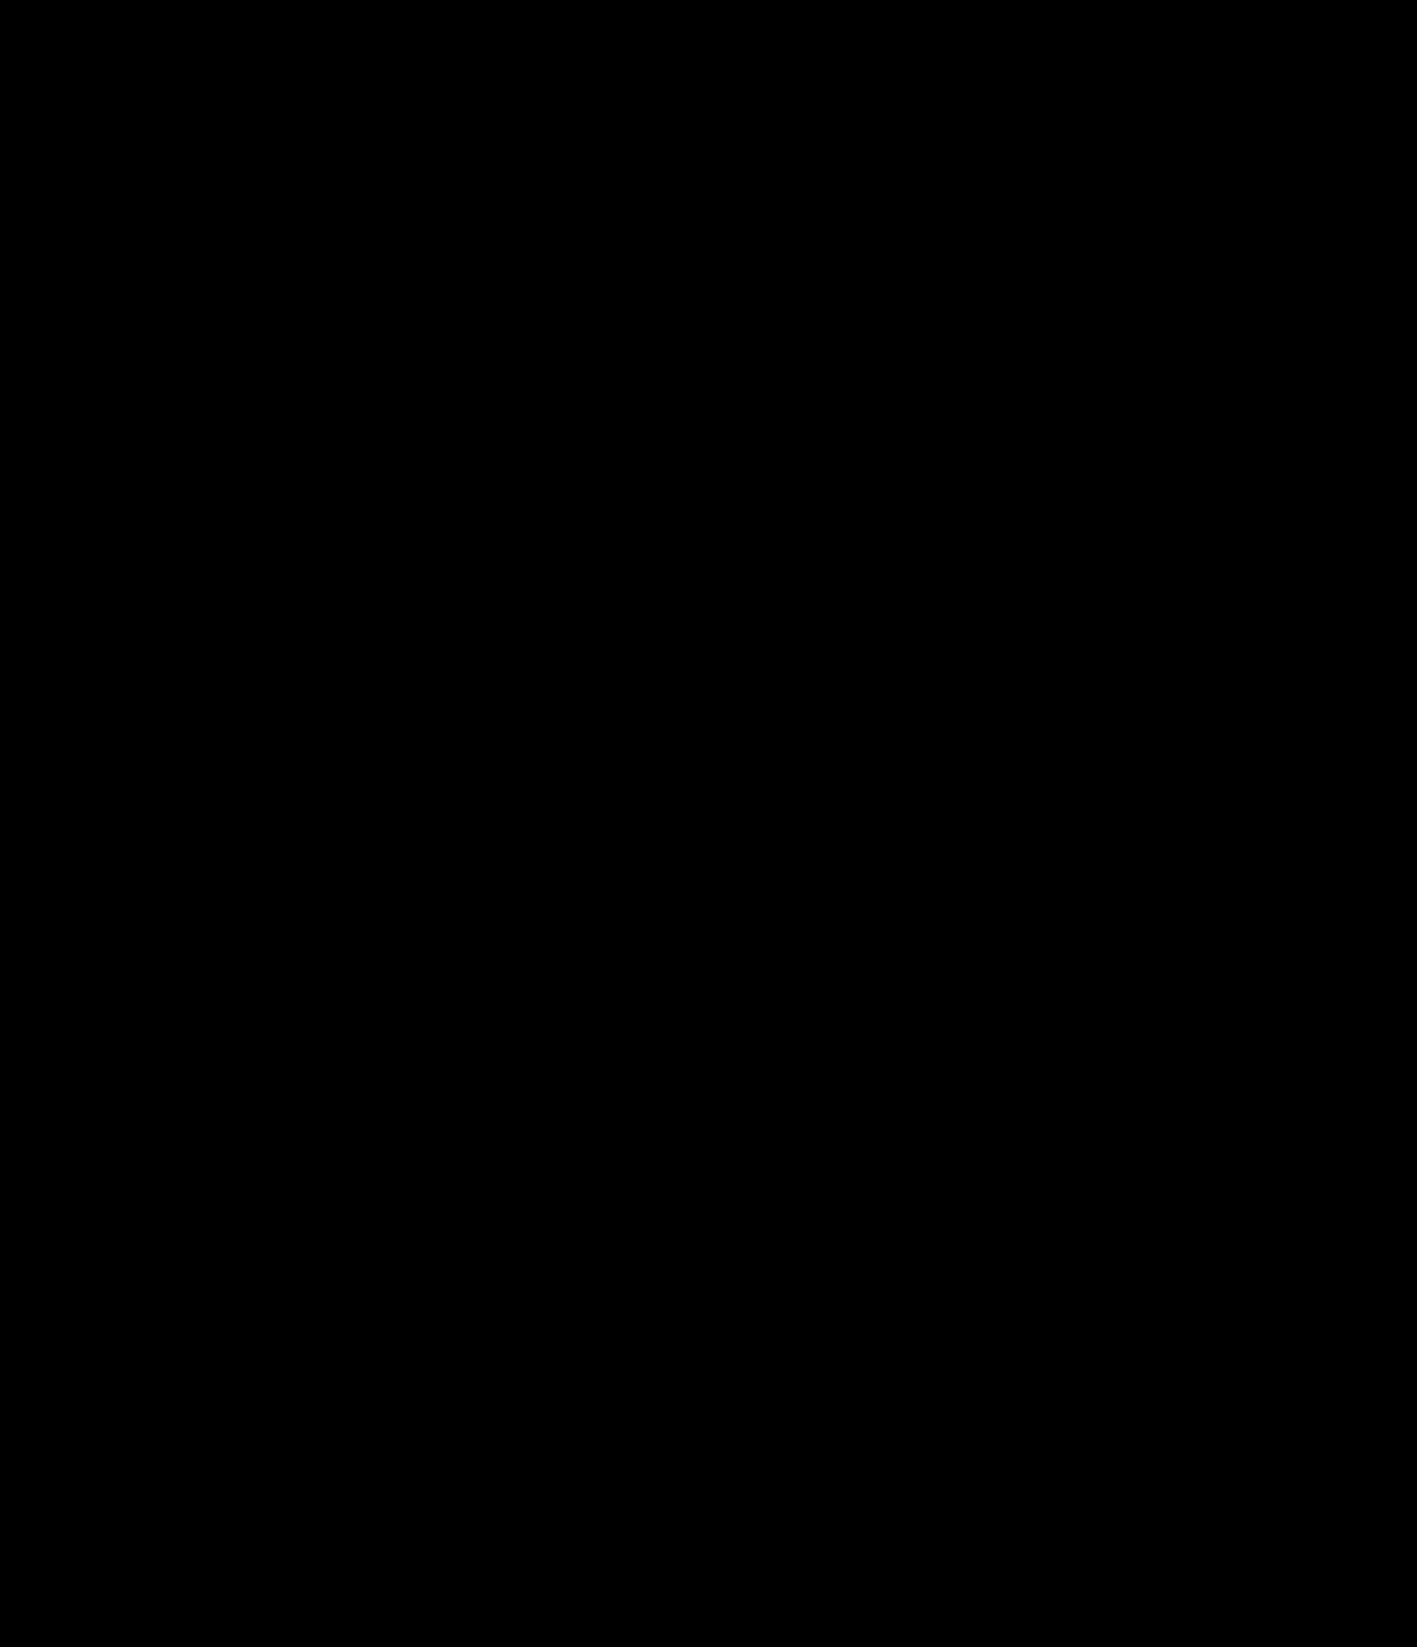 Landsec Logo Blk - DOM.png